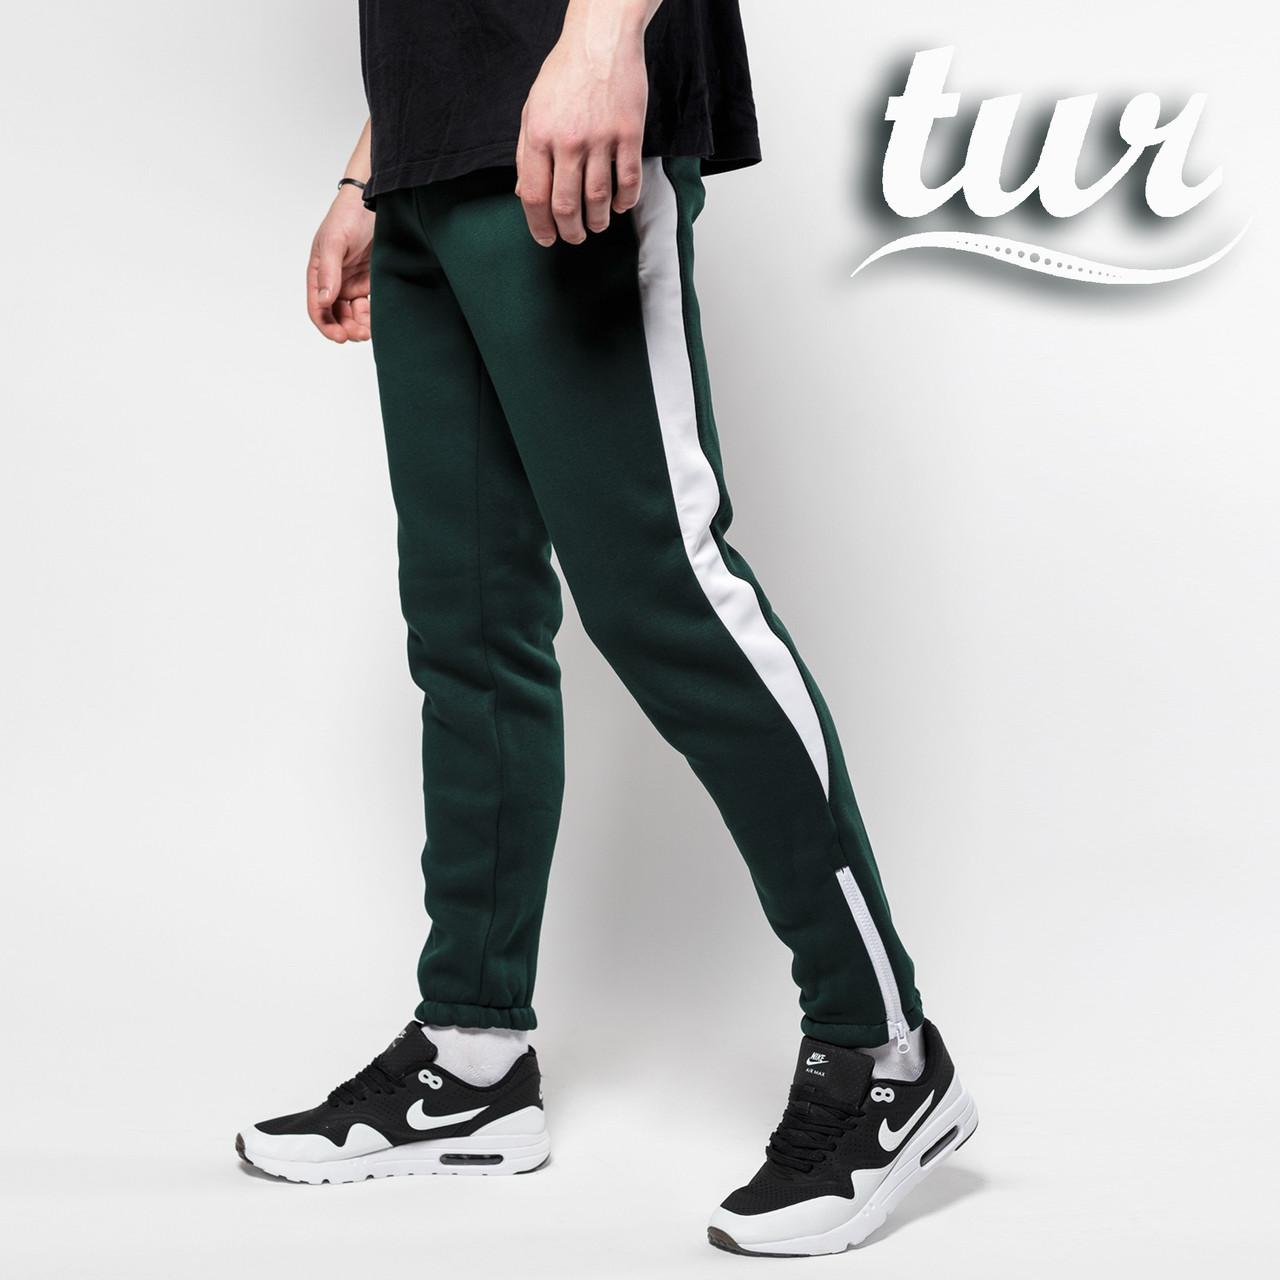 Зимние спортивные штаны мужские зеленые с белой полоской от бренда ТУР Рокки (Rocky) размер XS, S, M, L, XL